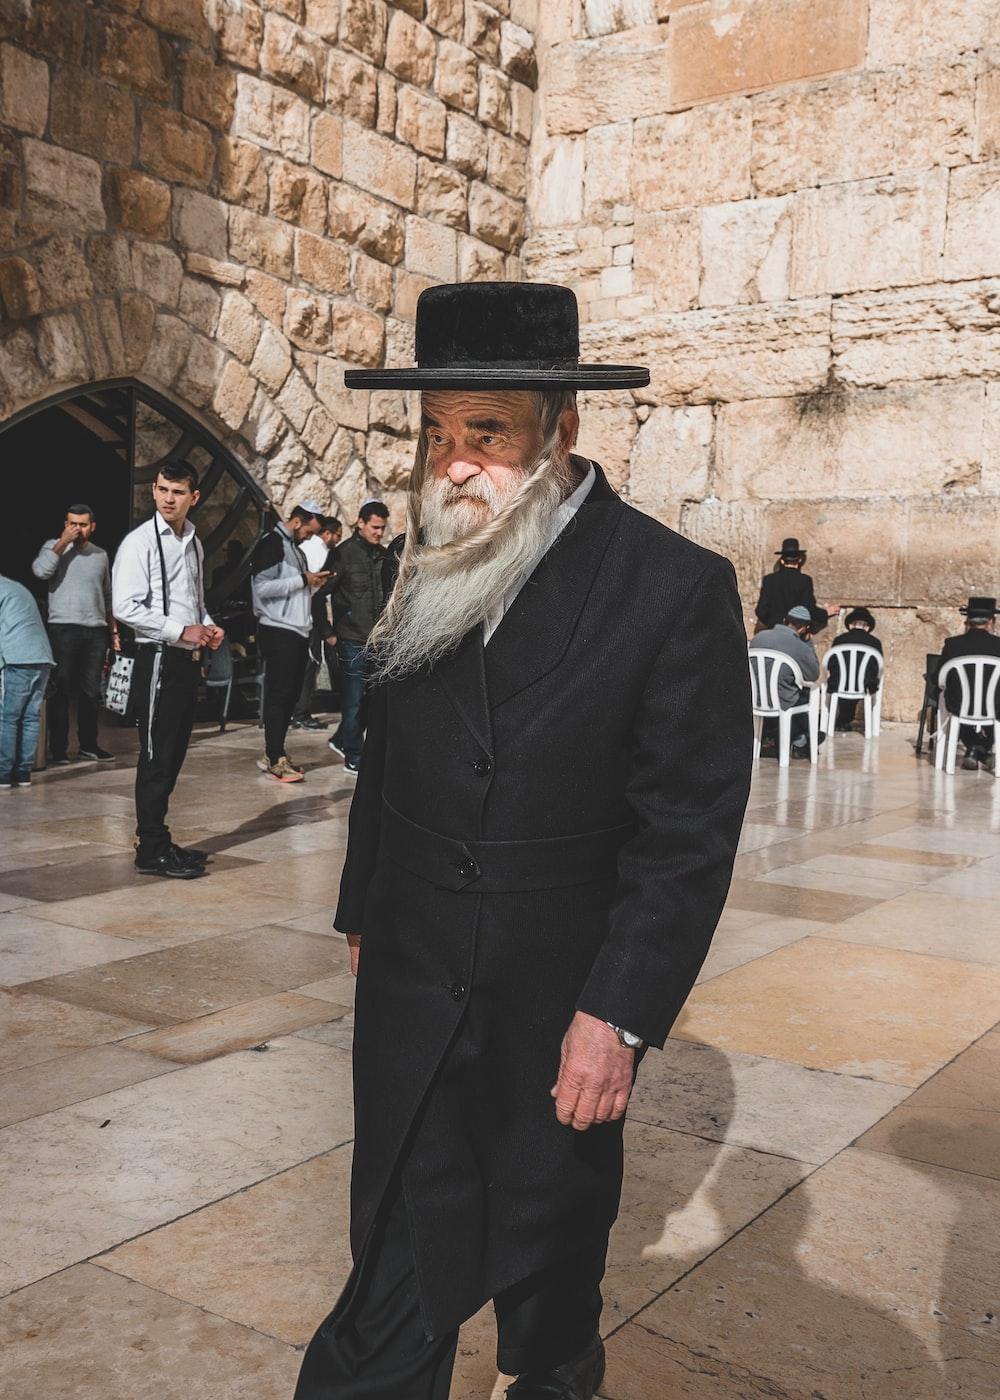 man wearing black coat